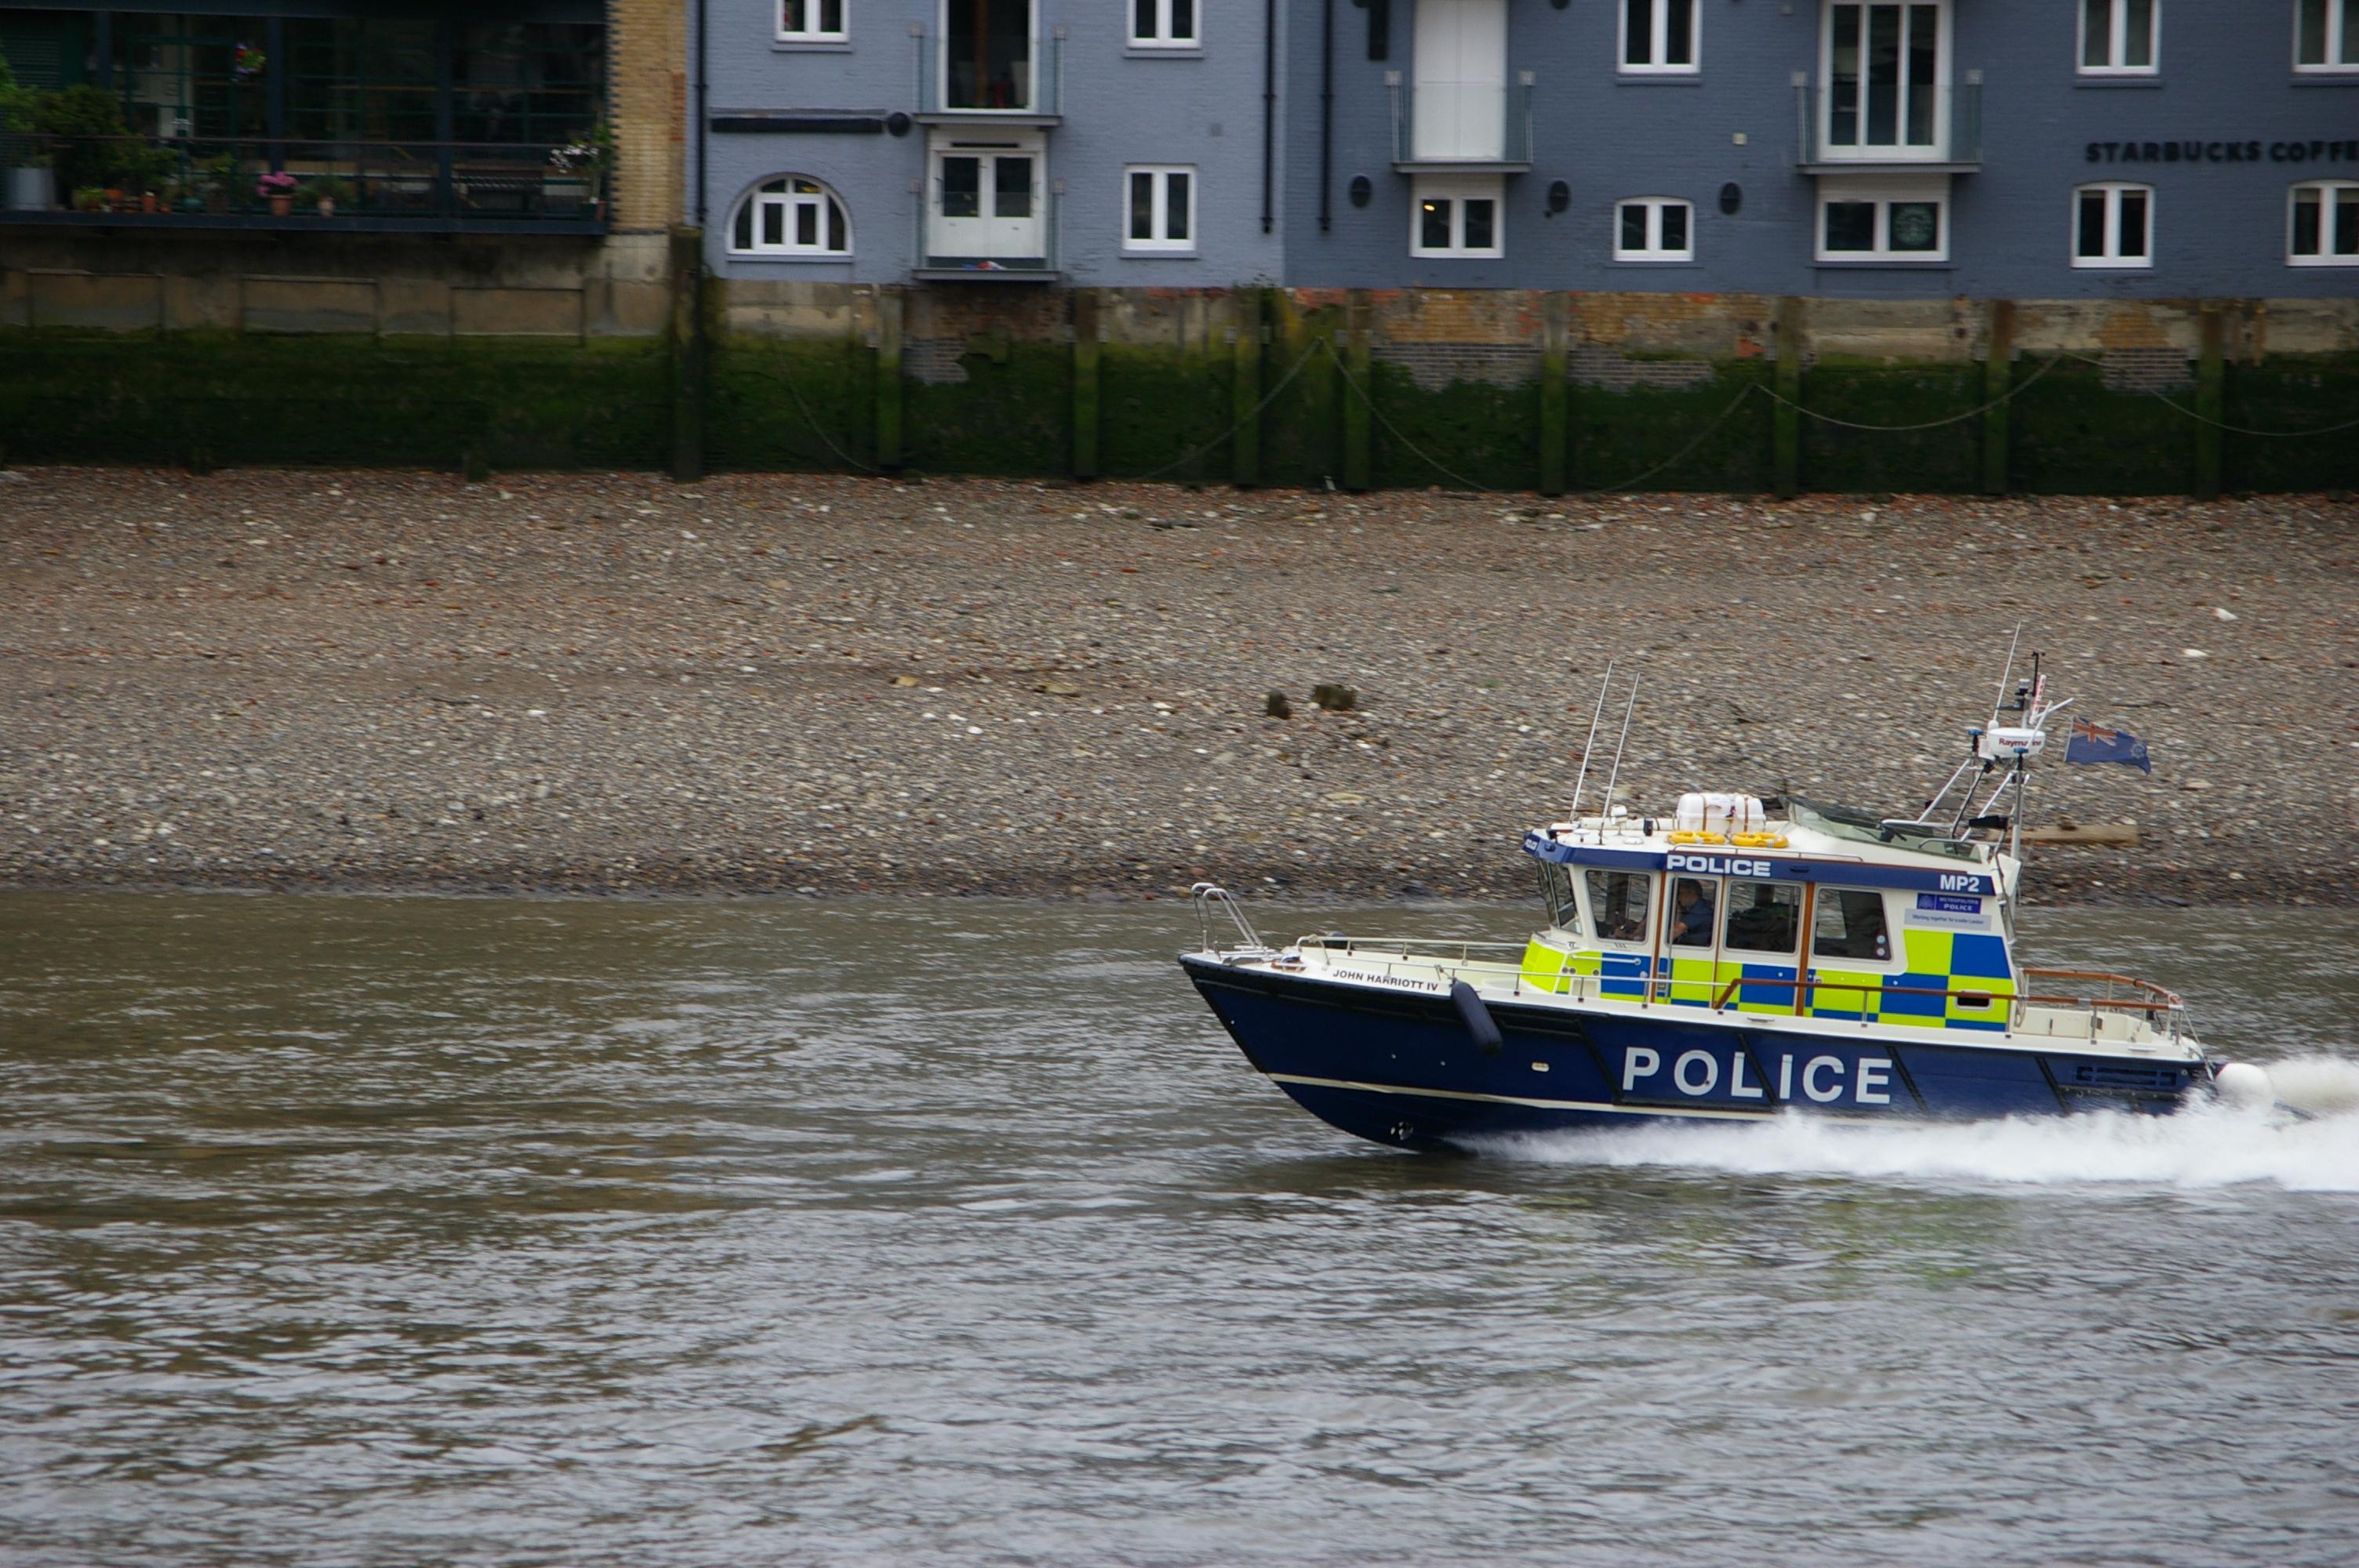 Description police boat on river thames